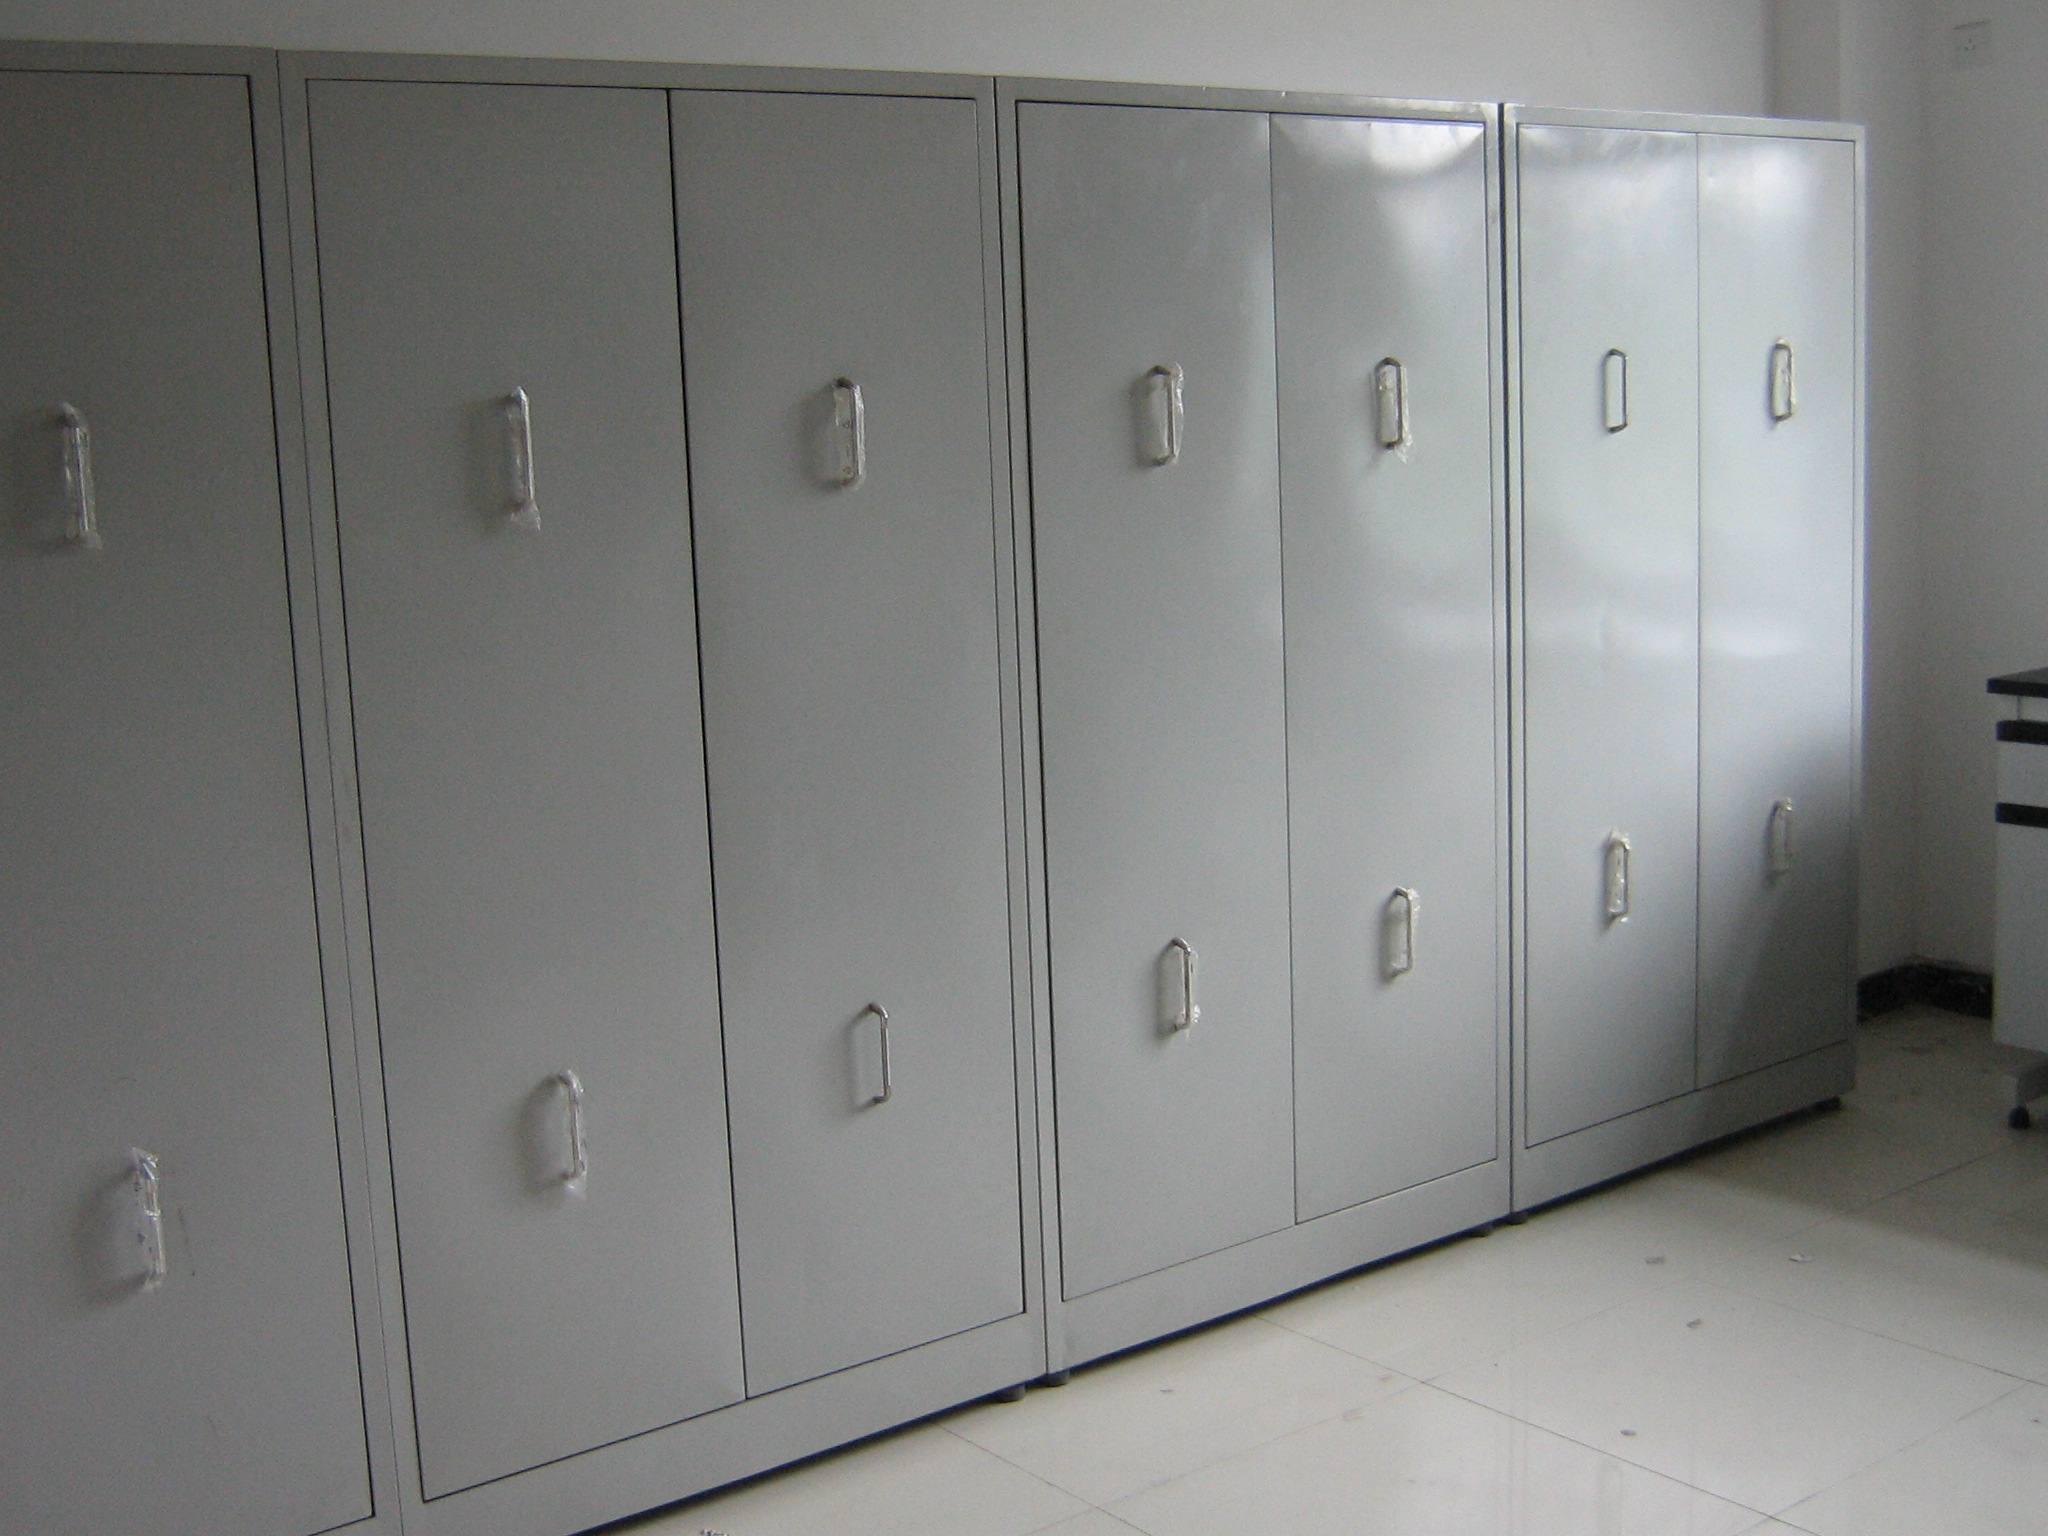 锦州学生桌椅生产,华清金属制品公司质量可靠的盘锦办公铁柜出售